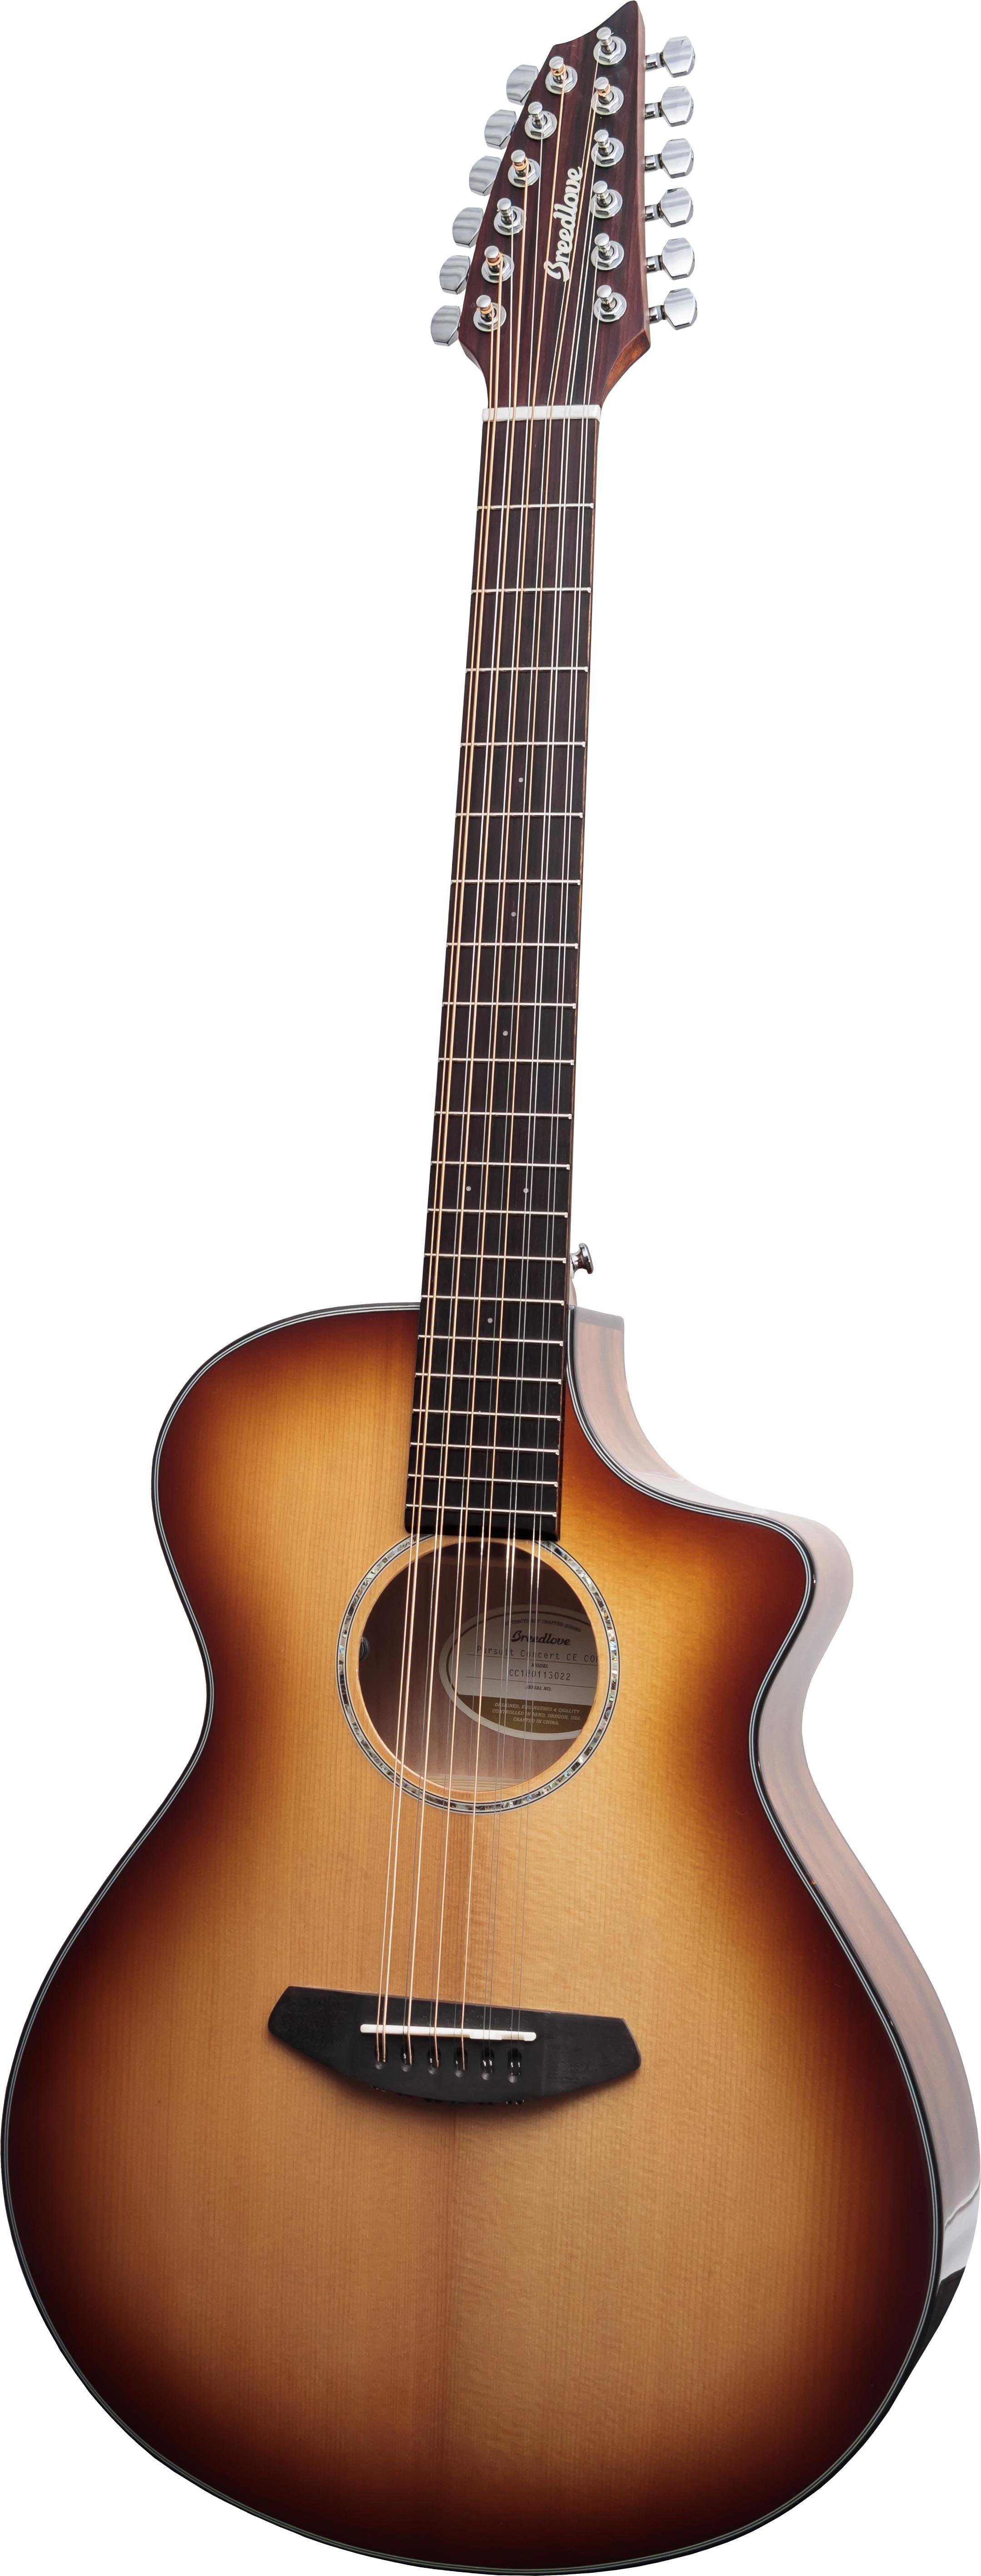 Breedlove Pursuit Concert Copper 12-String CE